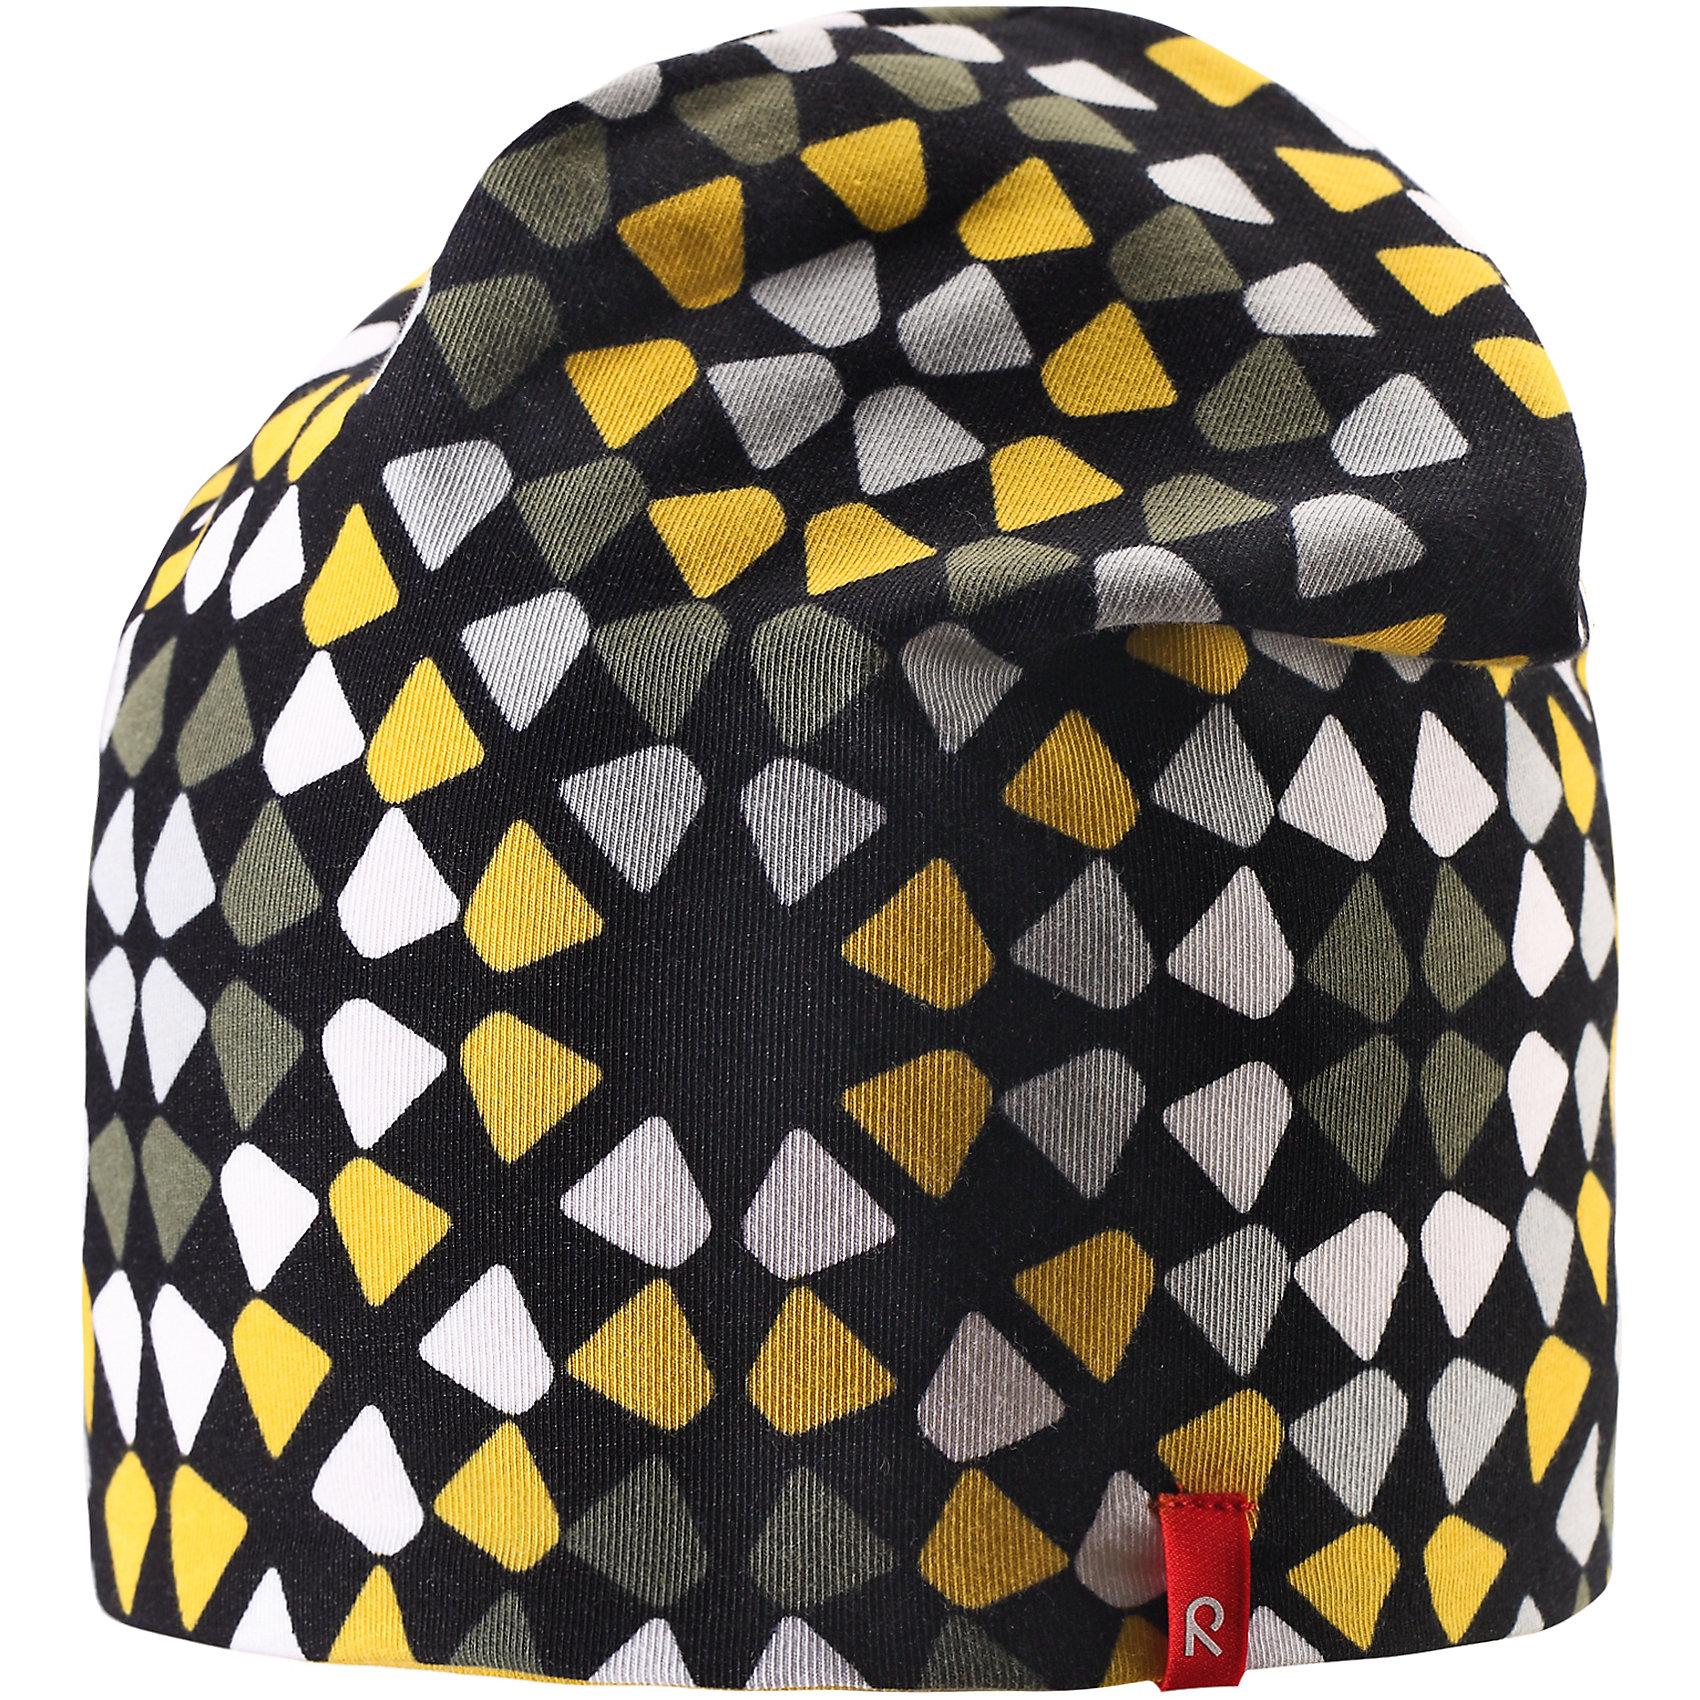 Шапка Trappa ReimaШапка  Reima<br>Двухсторонняя шапка «Бини» для детей. Простой в уходе материал быстро сохнет. Быстросохнущий материал Play Jersey, приятный на ощупь. Выводит влагу наружу и быстро сохнет. Мягкий хлопчатобумажный верх, внутренняя поверхность хорошо выводит влагу. Эластичный удобный материал. Сплошная подкладка: отводящий влагу материал Play Jersey. Логотип Reima® сбоку. Веселые цветовые сочетания .<br>Уход:<br>Стирать с бельем одинакового цвета, вывернув наизнанку. Полоскать без специального средства. Придать первоначальную форму вo влажном виде. <br>Состав:<br>61% Хлопок, 33% полиэстер, 6% эластан<br><br>Ширина мм: 89<br>Глубина мм: 117<br>Высота мм: 44<br>Вес г: 155<br>Цвет: черный<br>Возраст от месяцев: 48<br>Возраст до месяцев: 84<br>Пол: Унисекс<br>Возраст: Детский<br>Размер: 54,56,48,52,50,46<br>SKU: 4777513